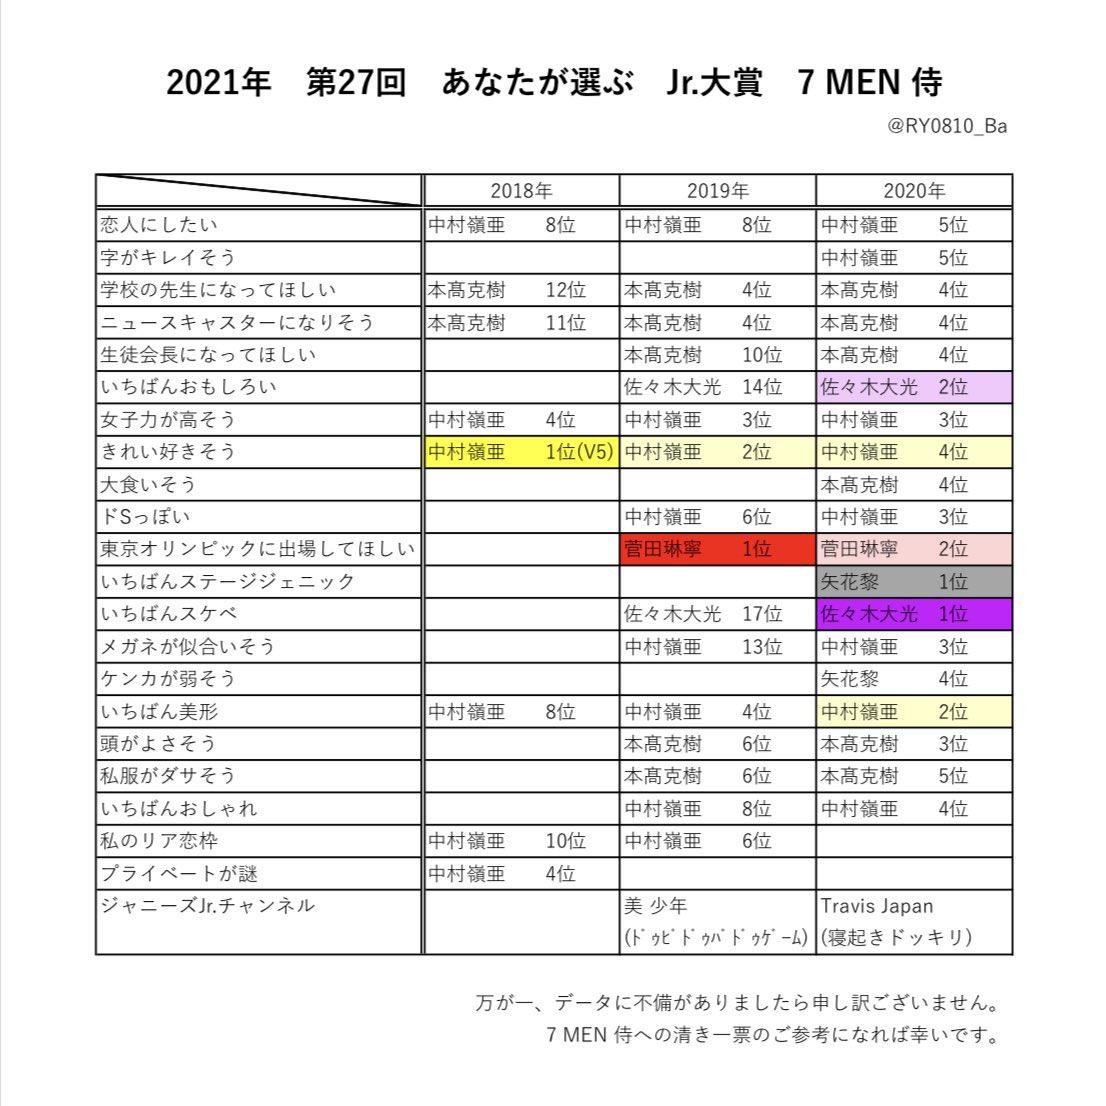 大賞 2021 ジュニア